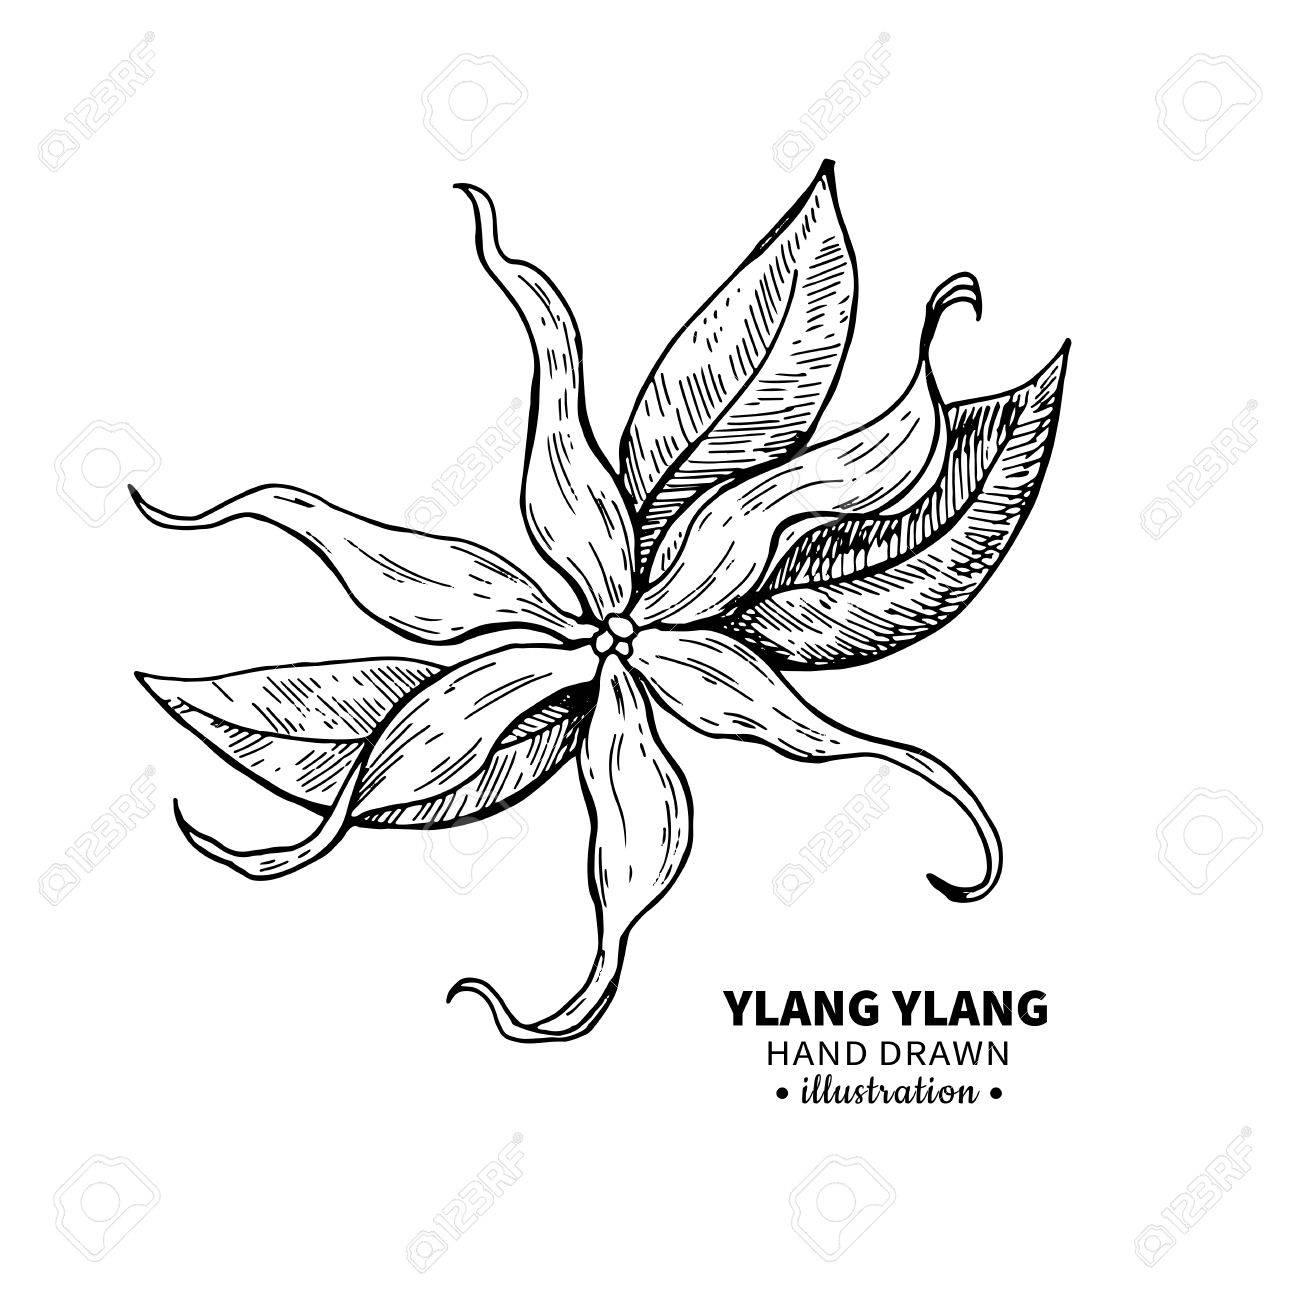 1300x1300 Ylang Ylang Vector Drawing. Isolated Vintage Illustration